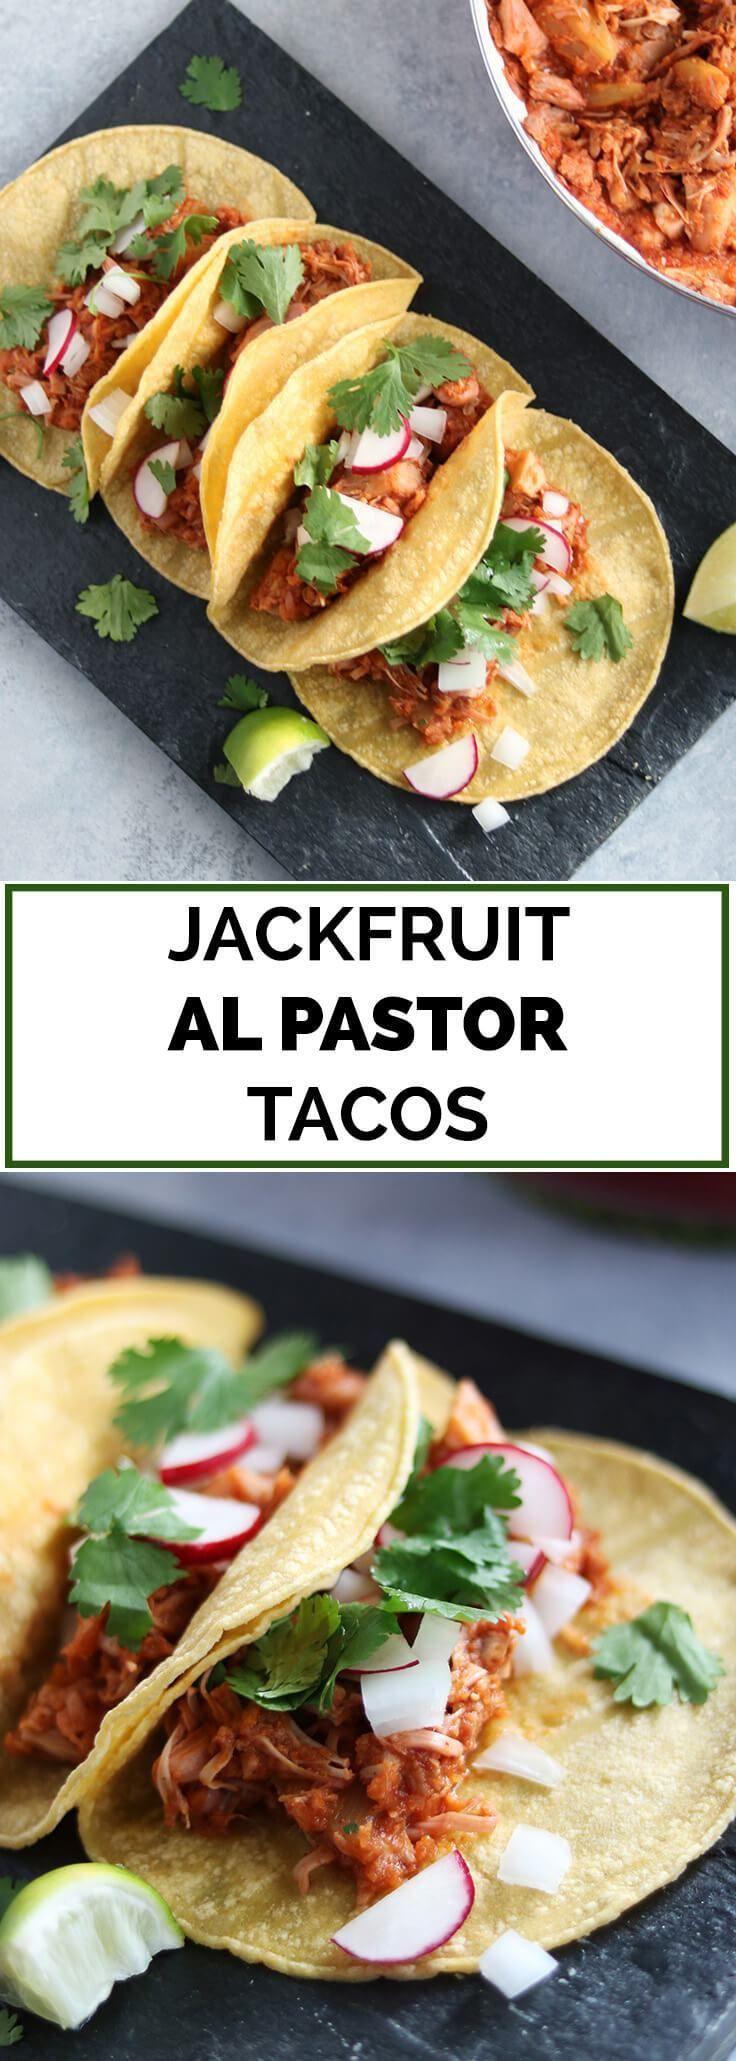 Vegan Jackfruit Al Pastor Tacos